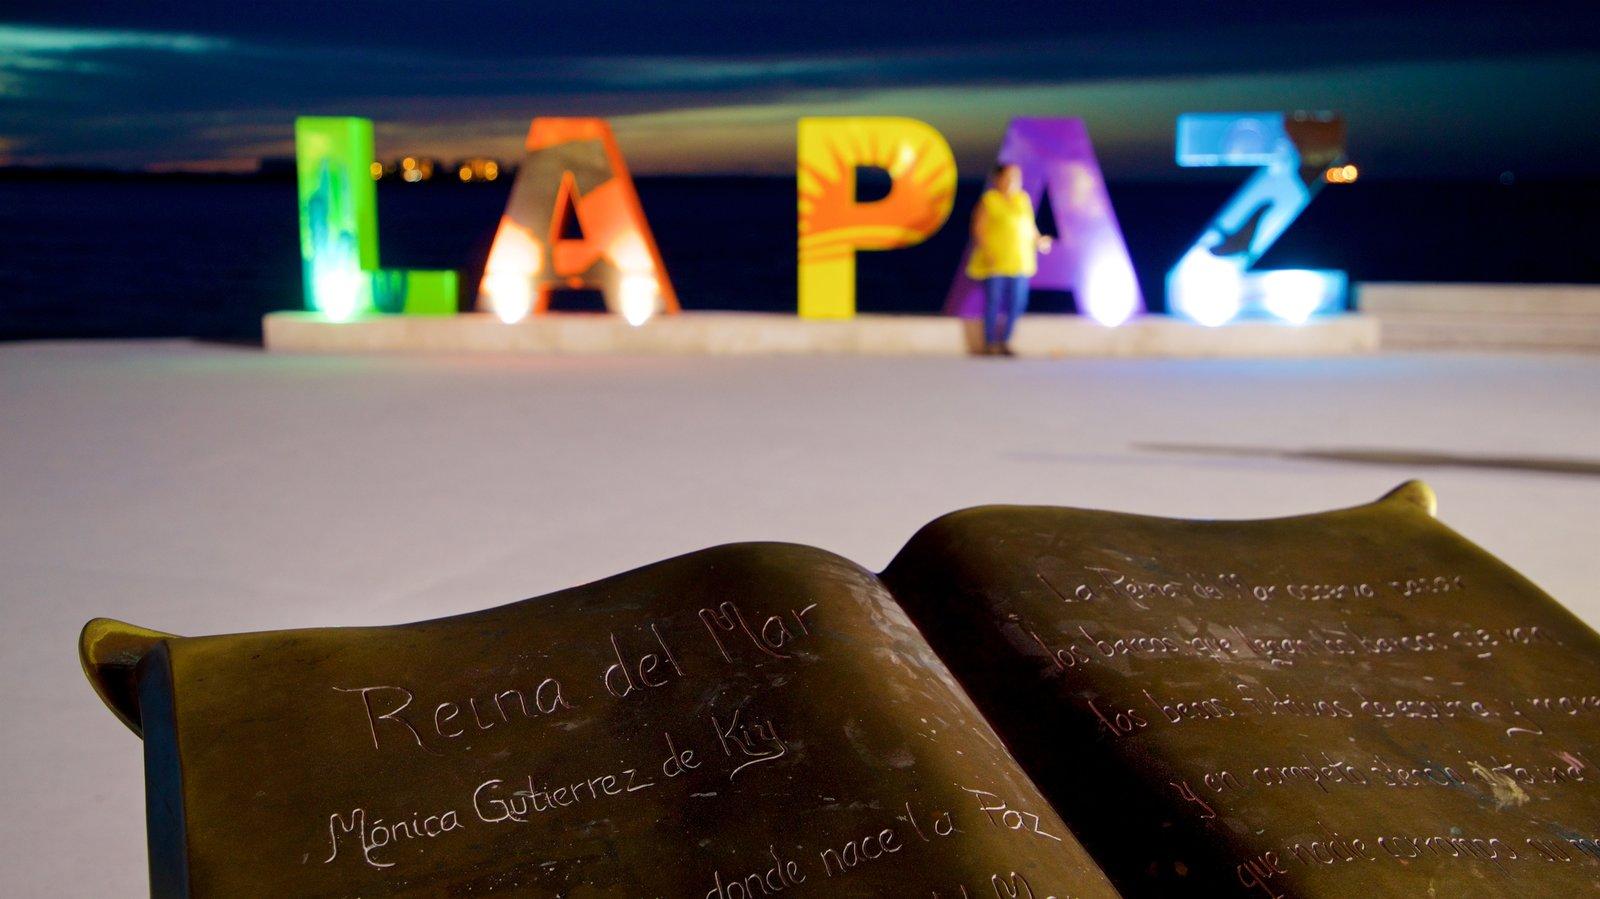 La Paz mostrando arte ao ar livre e cenas noturnas